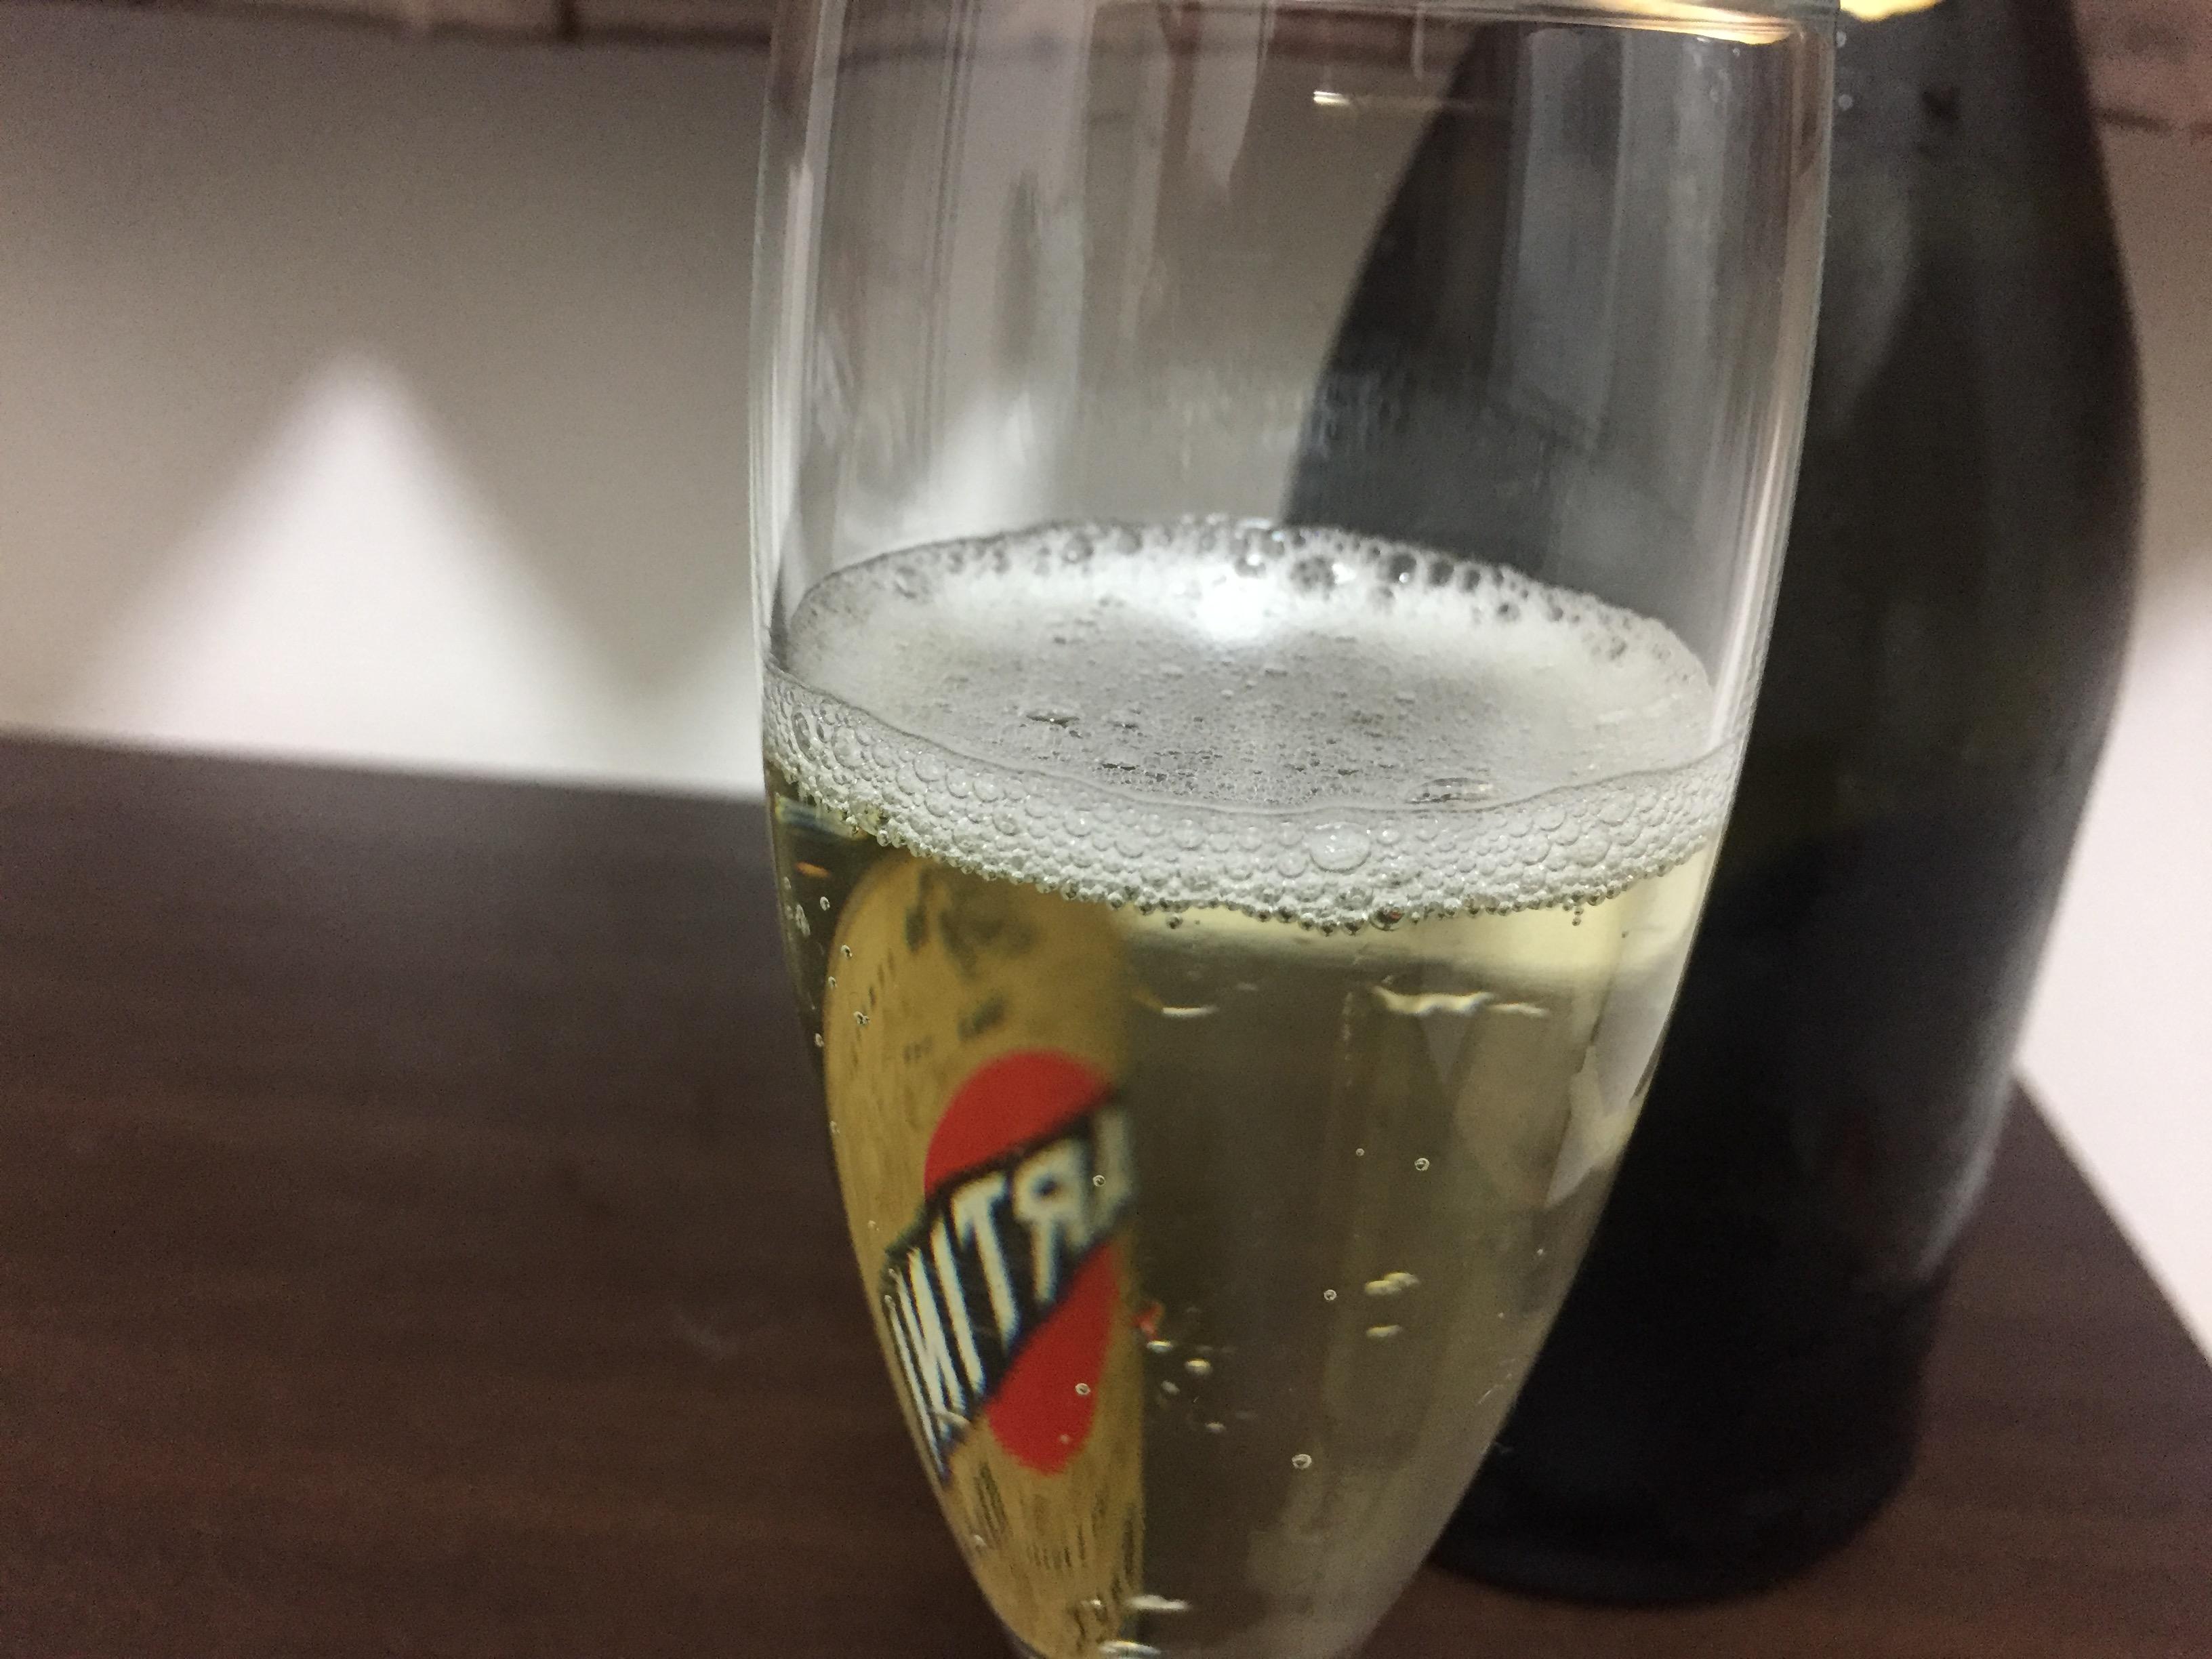 ■マルティーニ  ブリュットをグラスに注いだところ